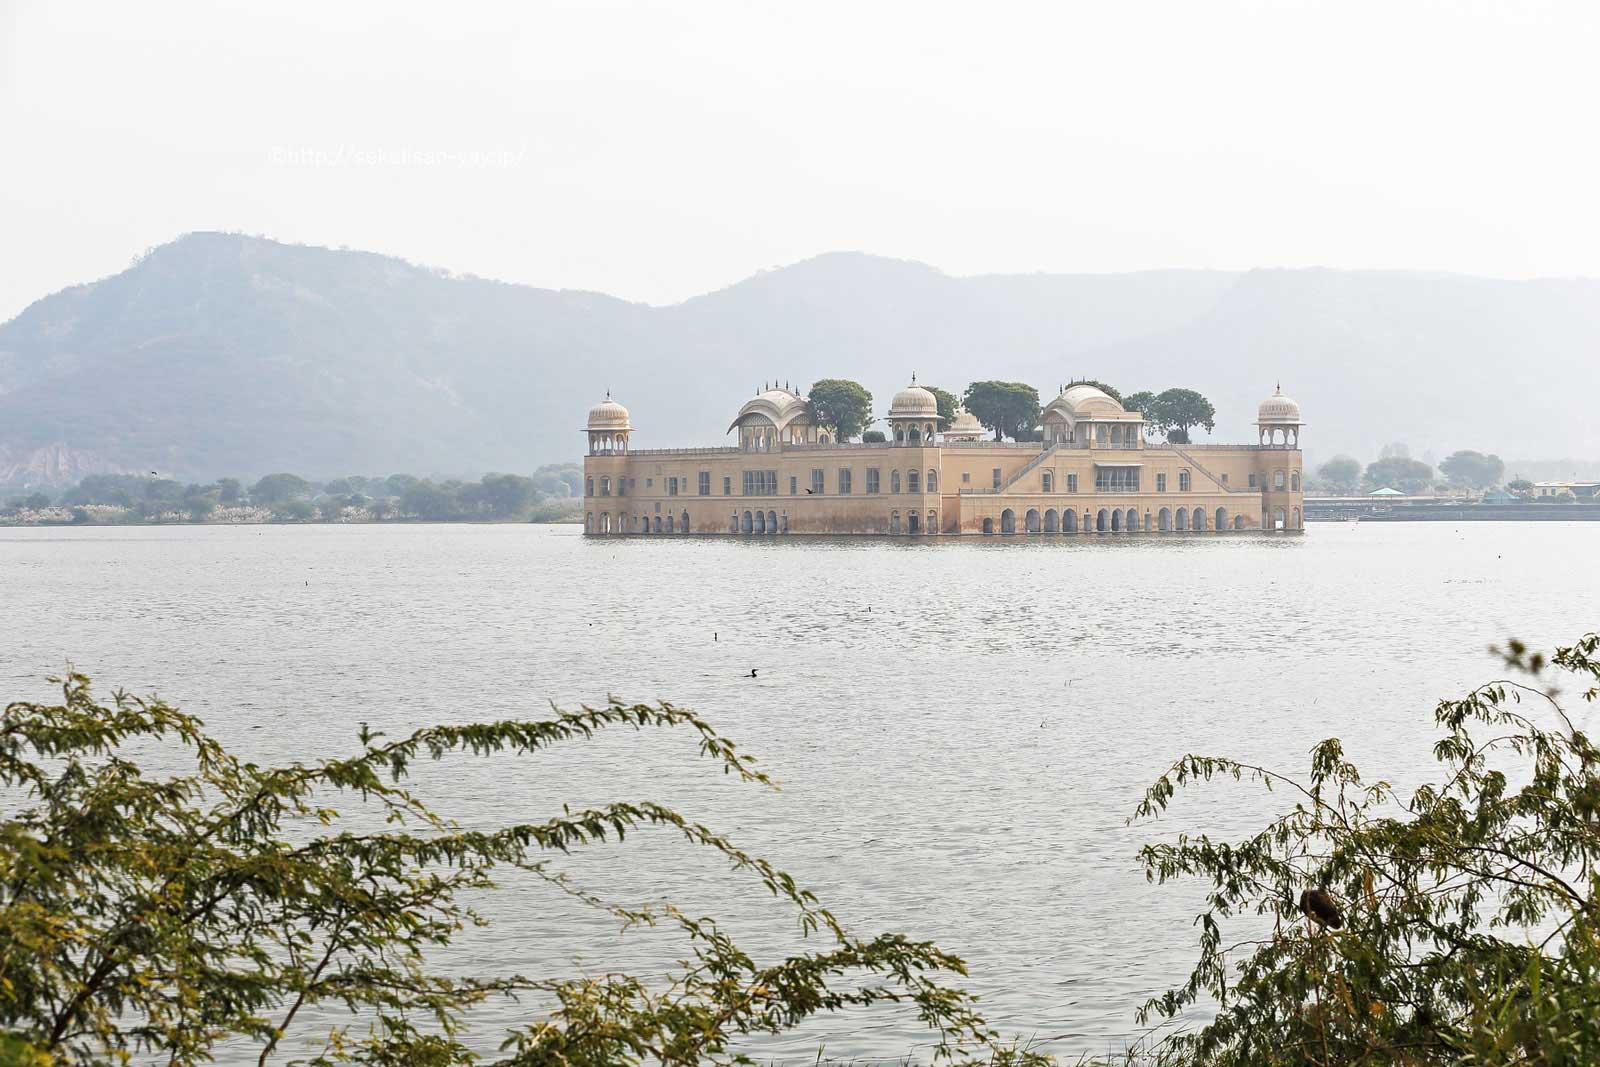 ジャイプール「水の宮殿」